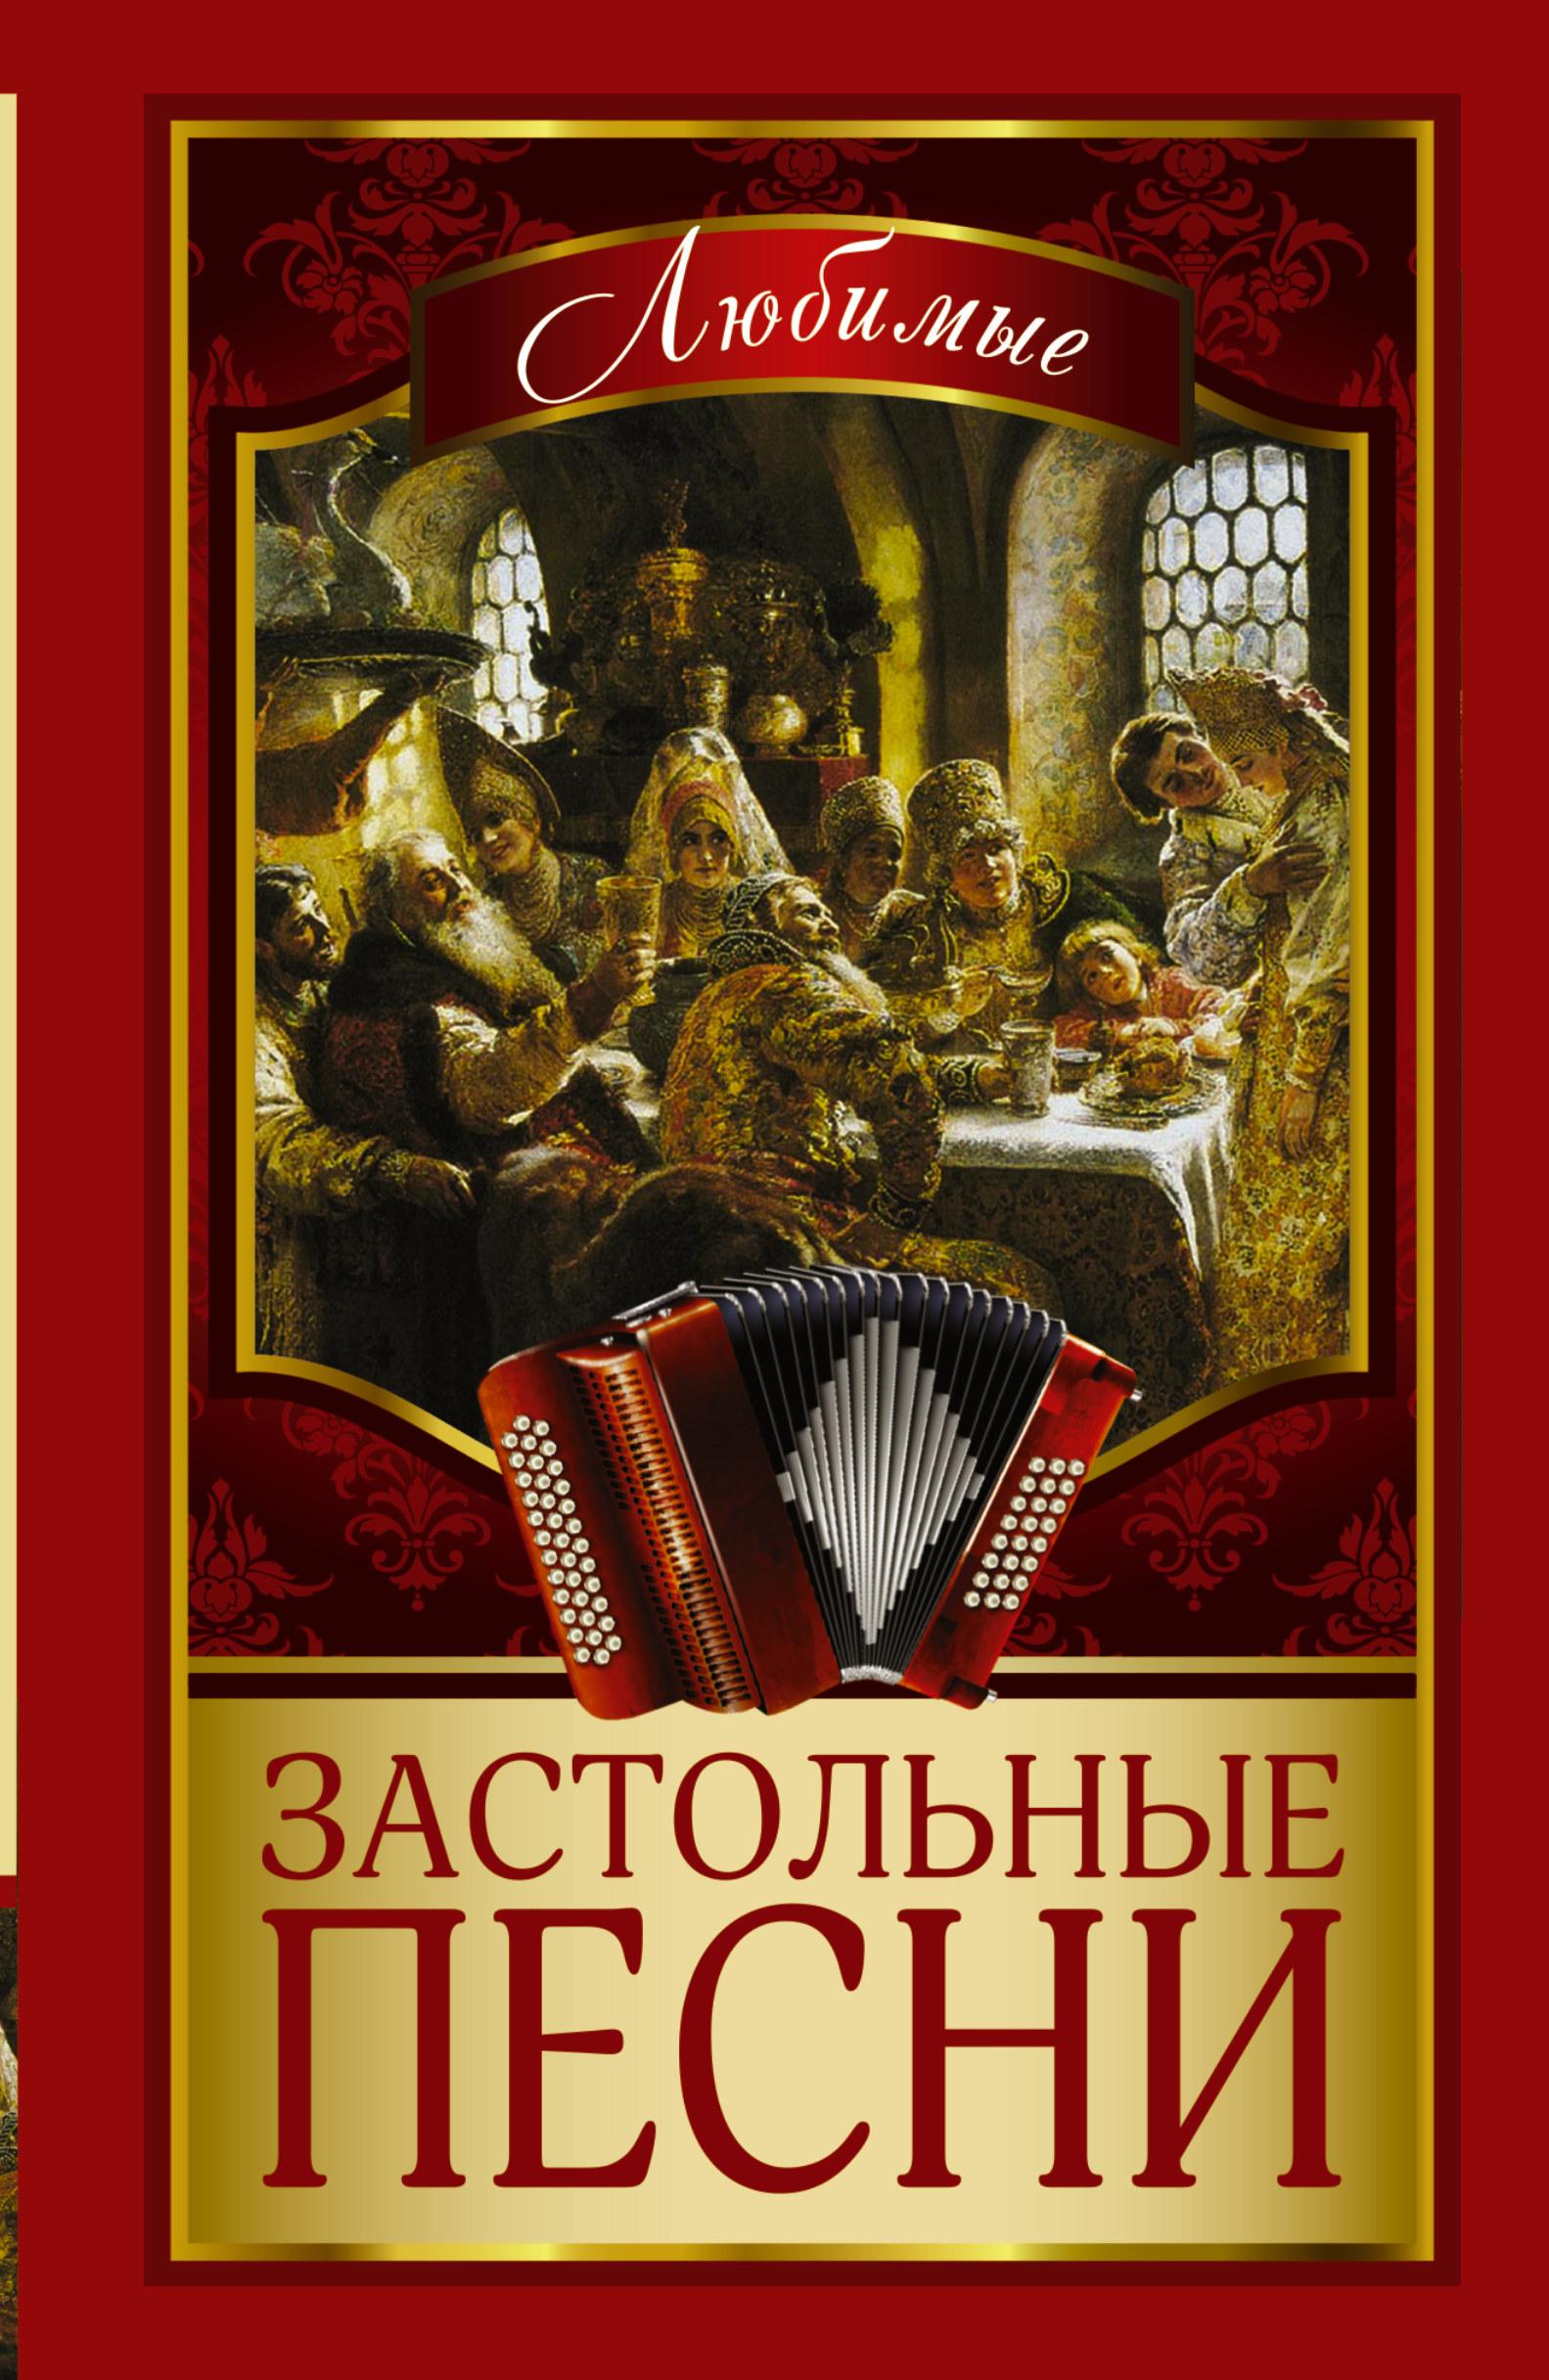 Любимые застольные песни от book24.ru